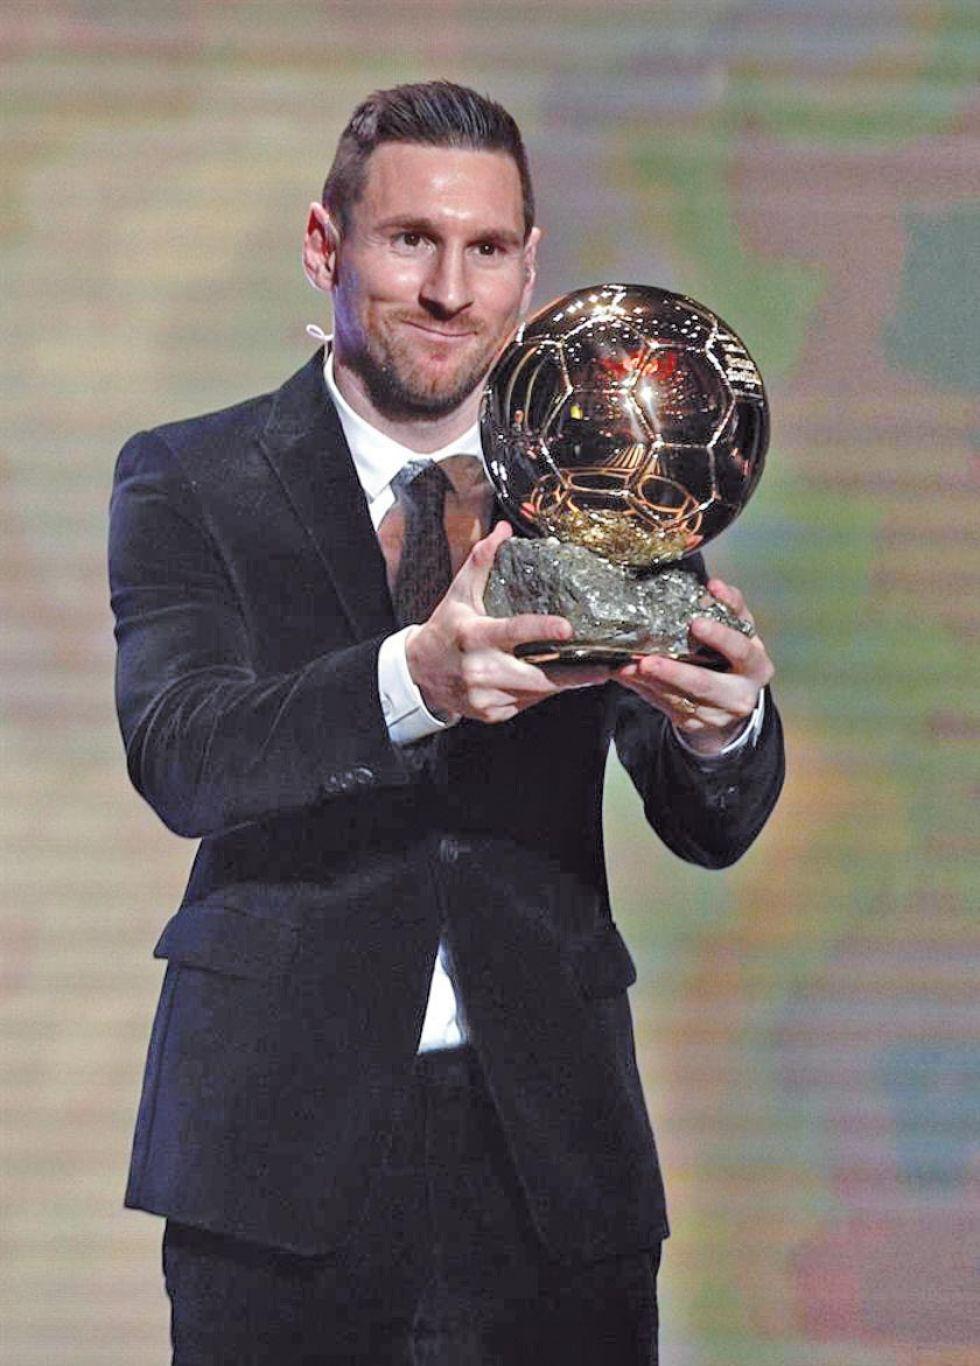 El delantero de Barcelona alza su premio.